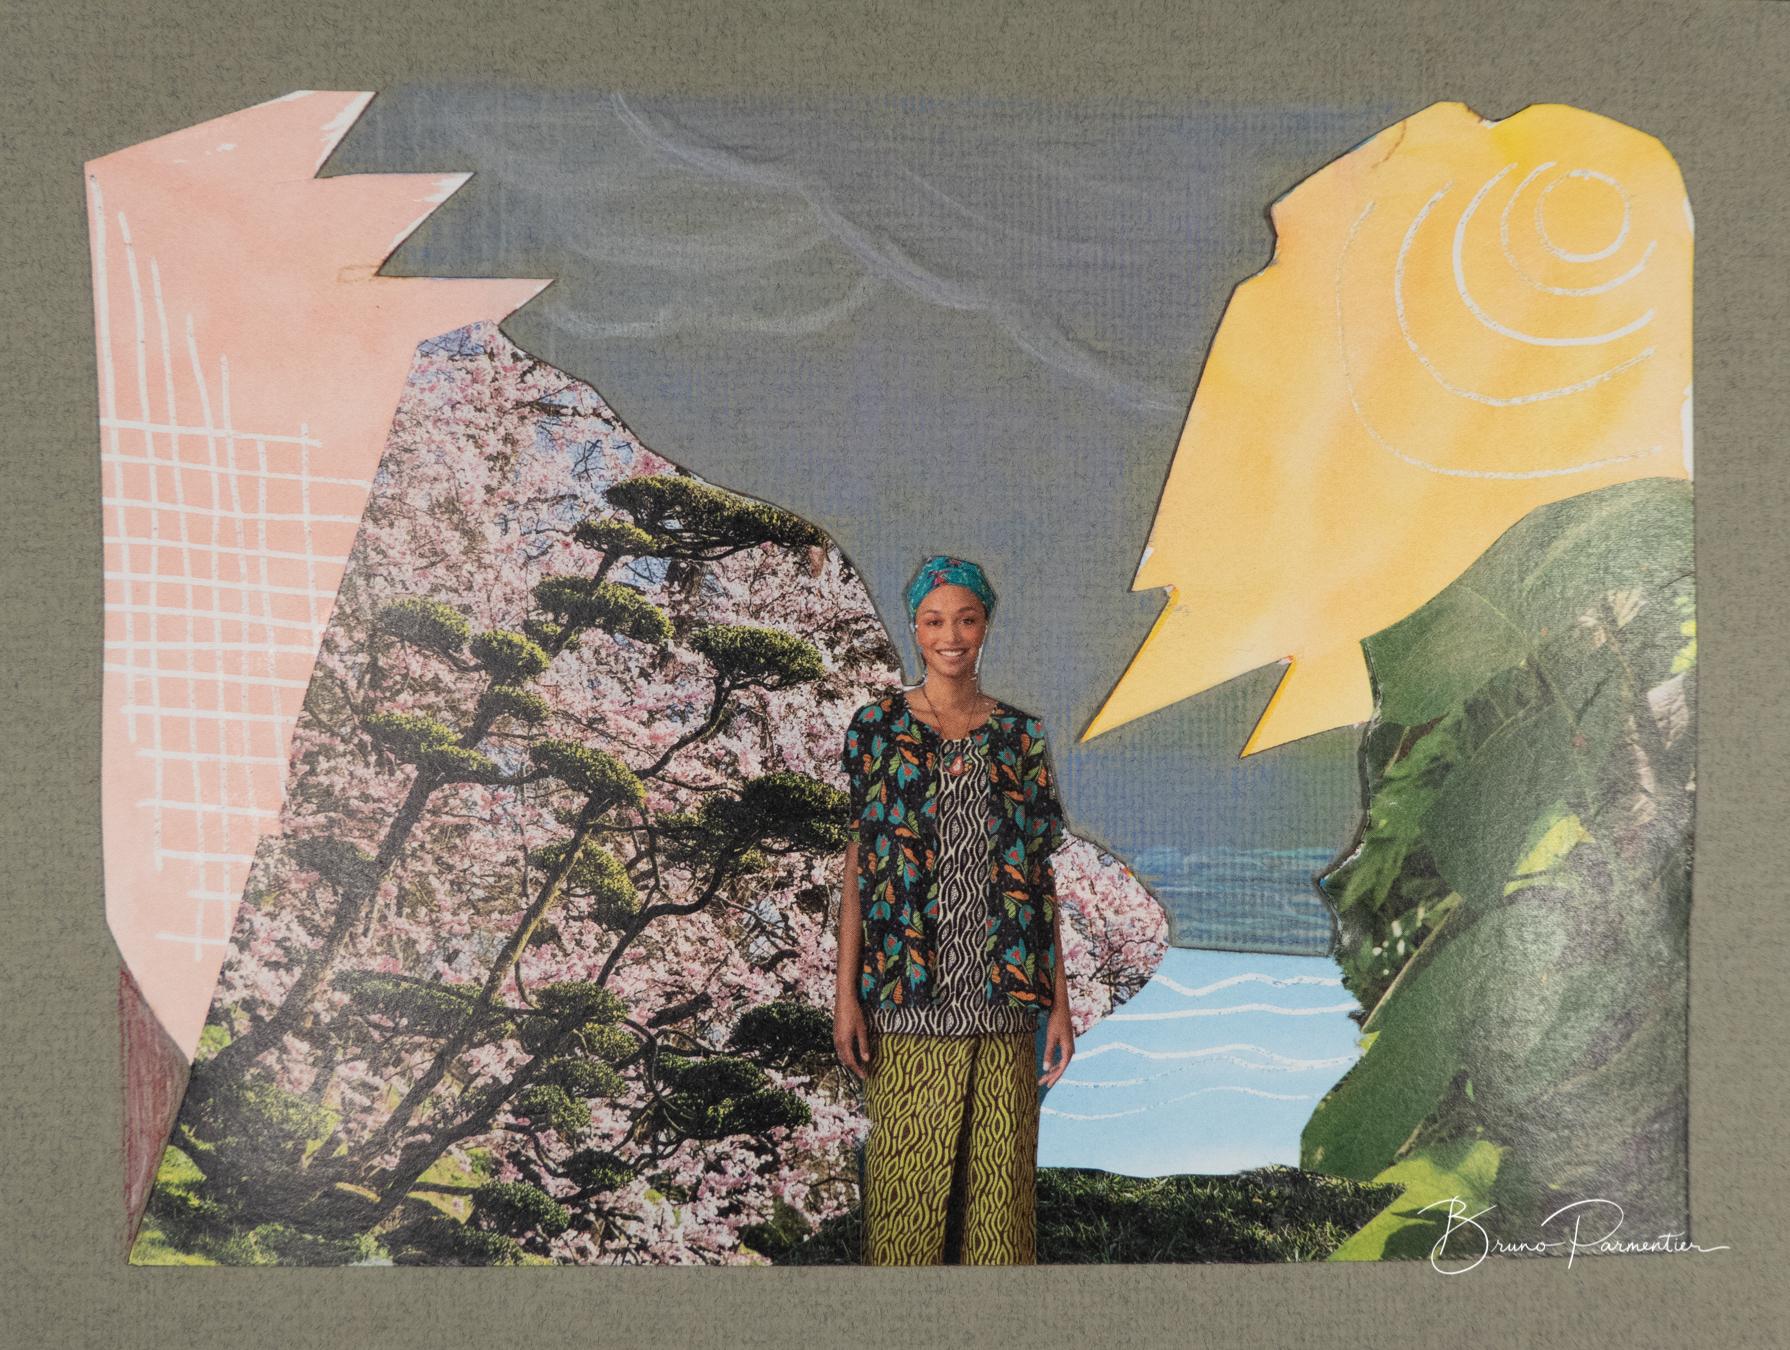 Aquarelle (avec réserve au feutre drawing gum), collage, crayons de couleur - 12/04/21